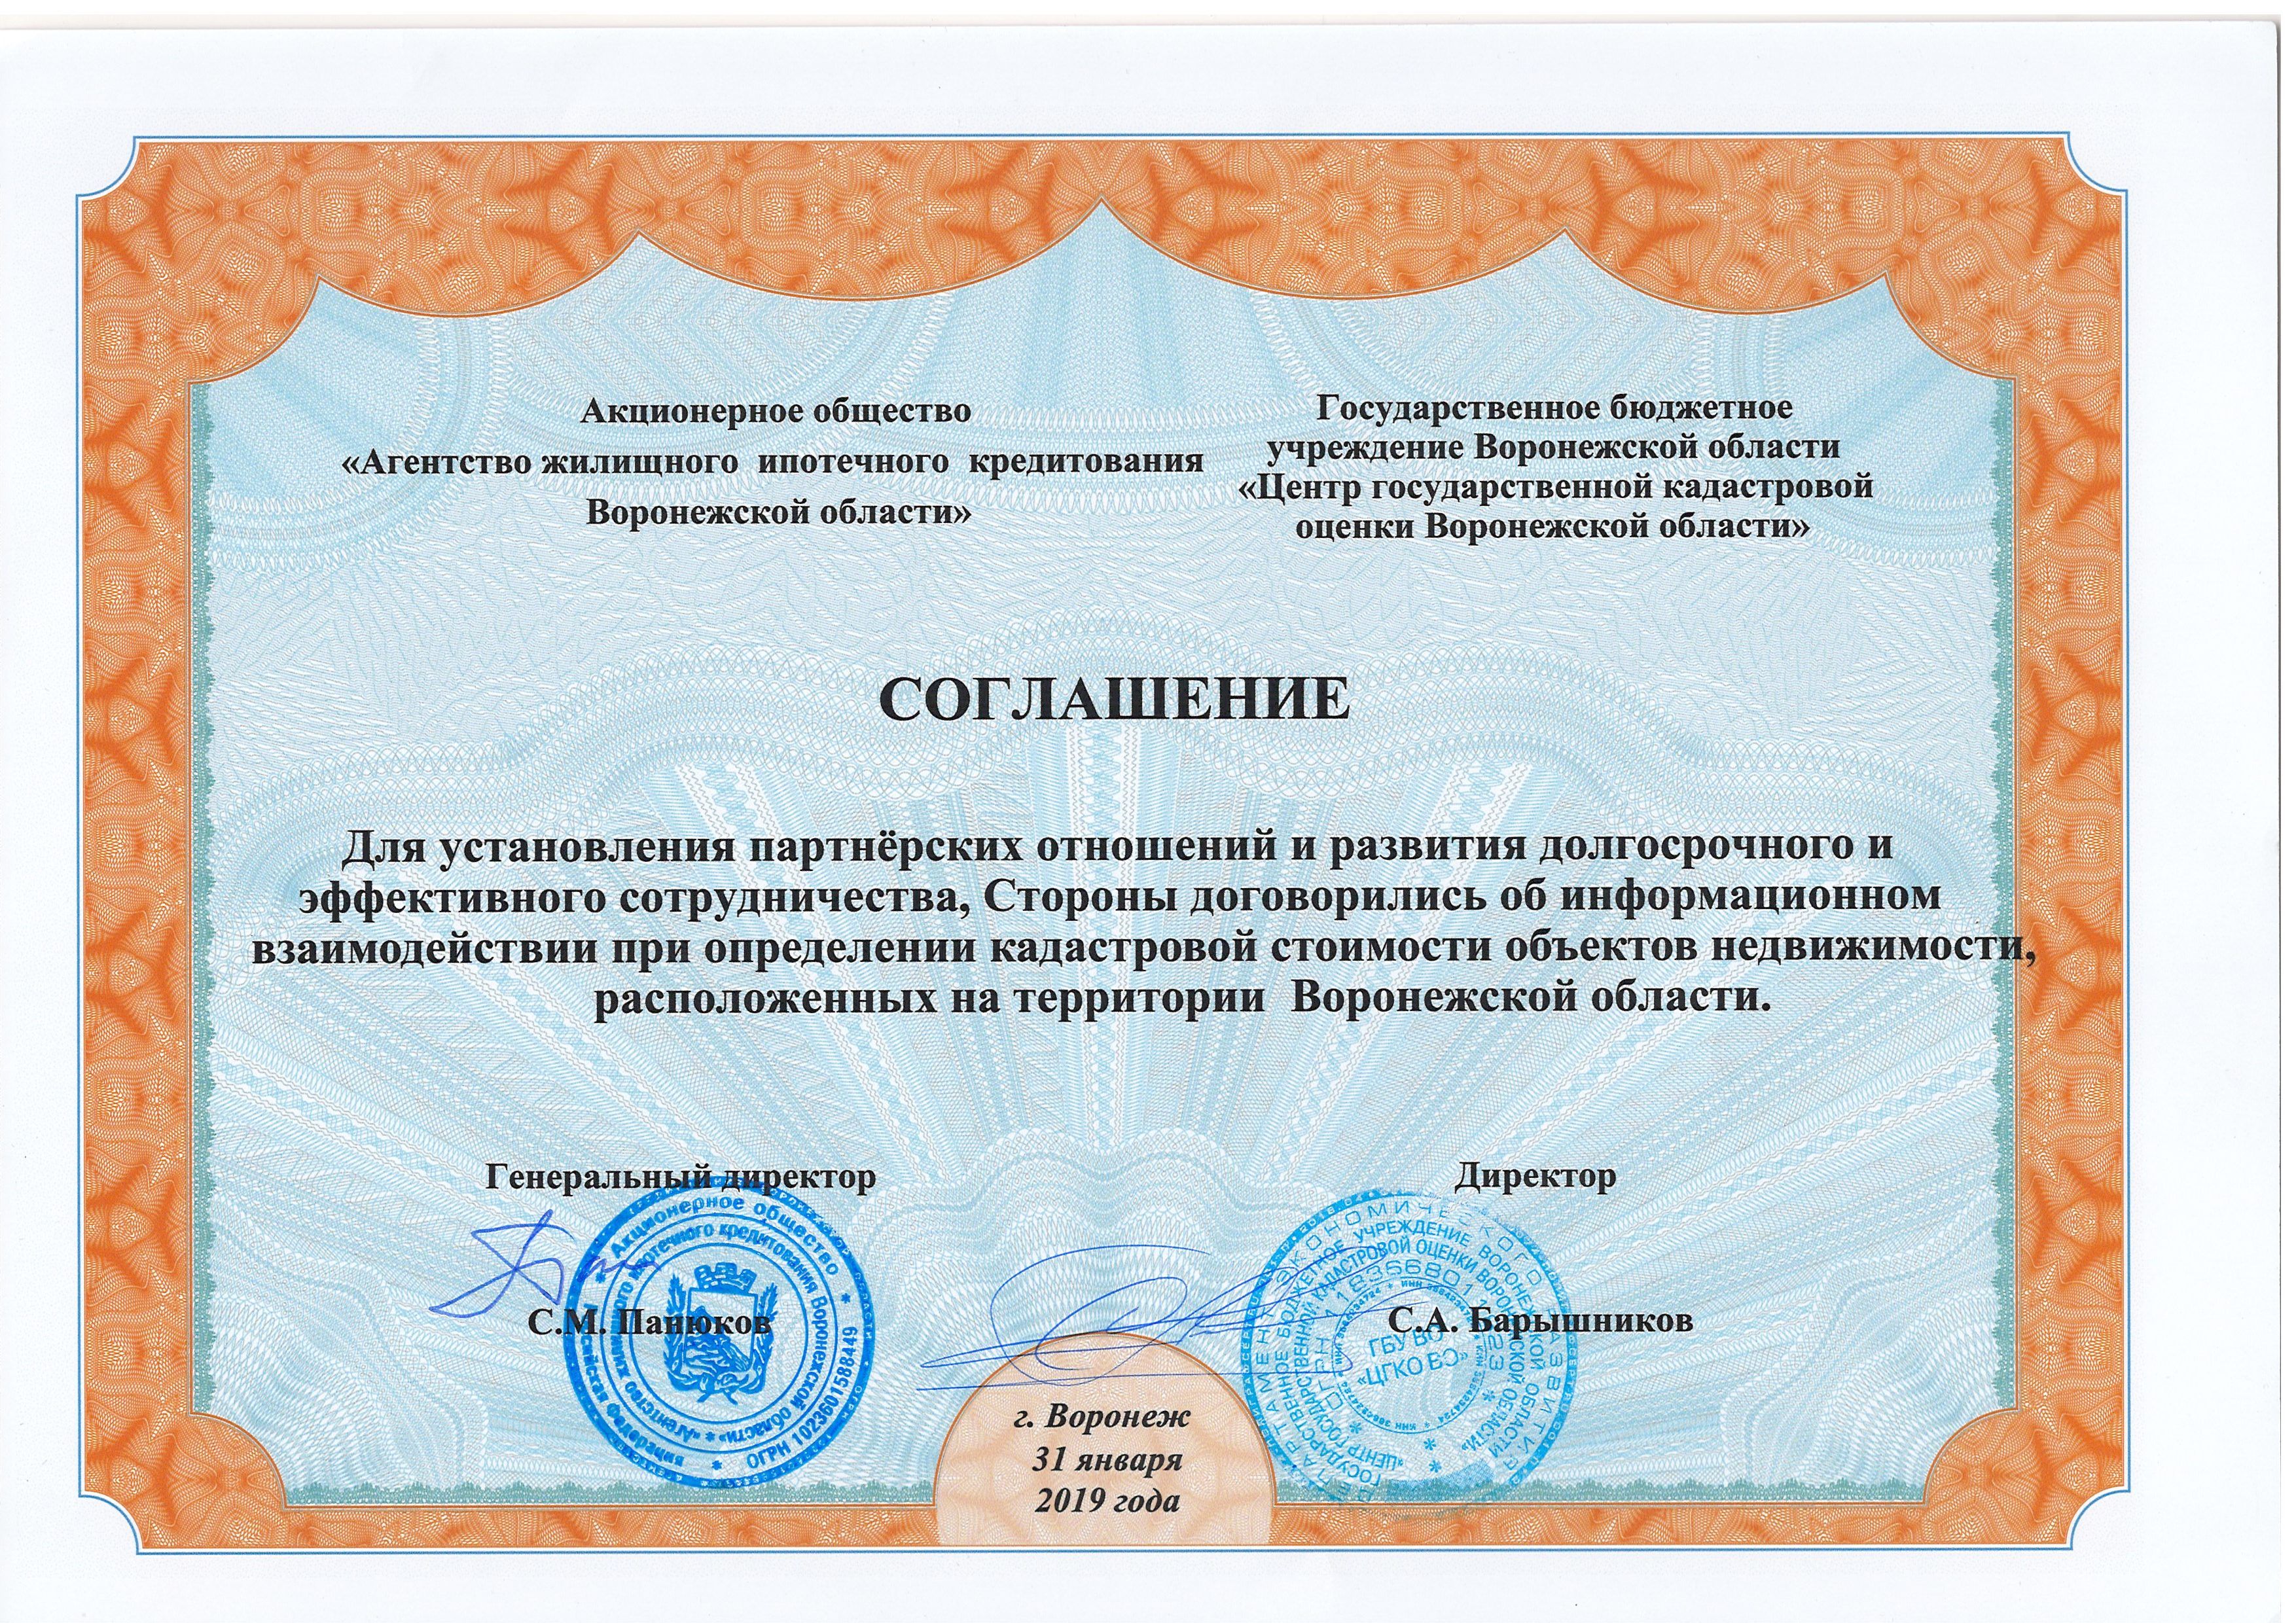 Подписано соглашение об информационном взаимодействии с акционерным обществом «Агентство жилищного ипотечного кредитования Воронежской области»